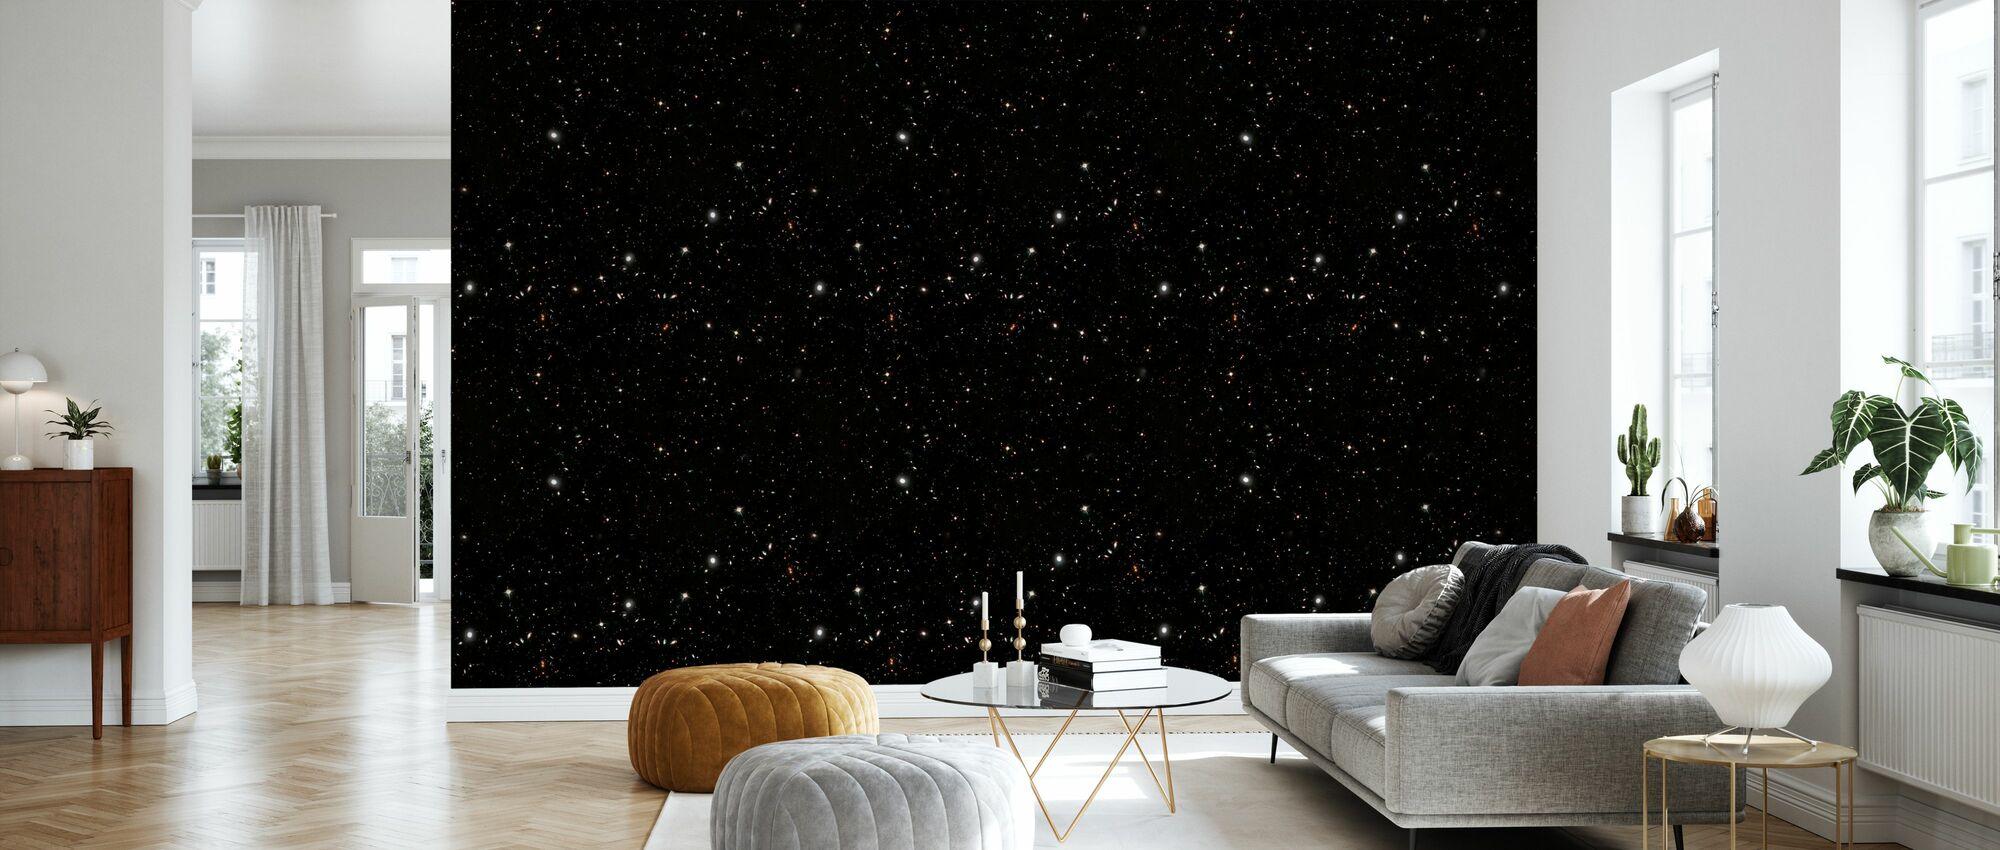 Starfield Dark - Wallpaper - Living Room